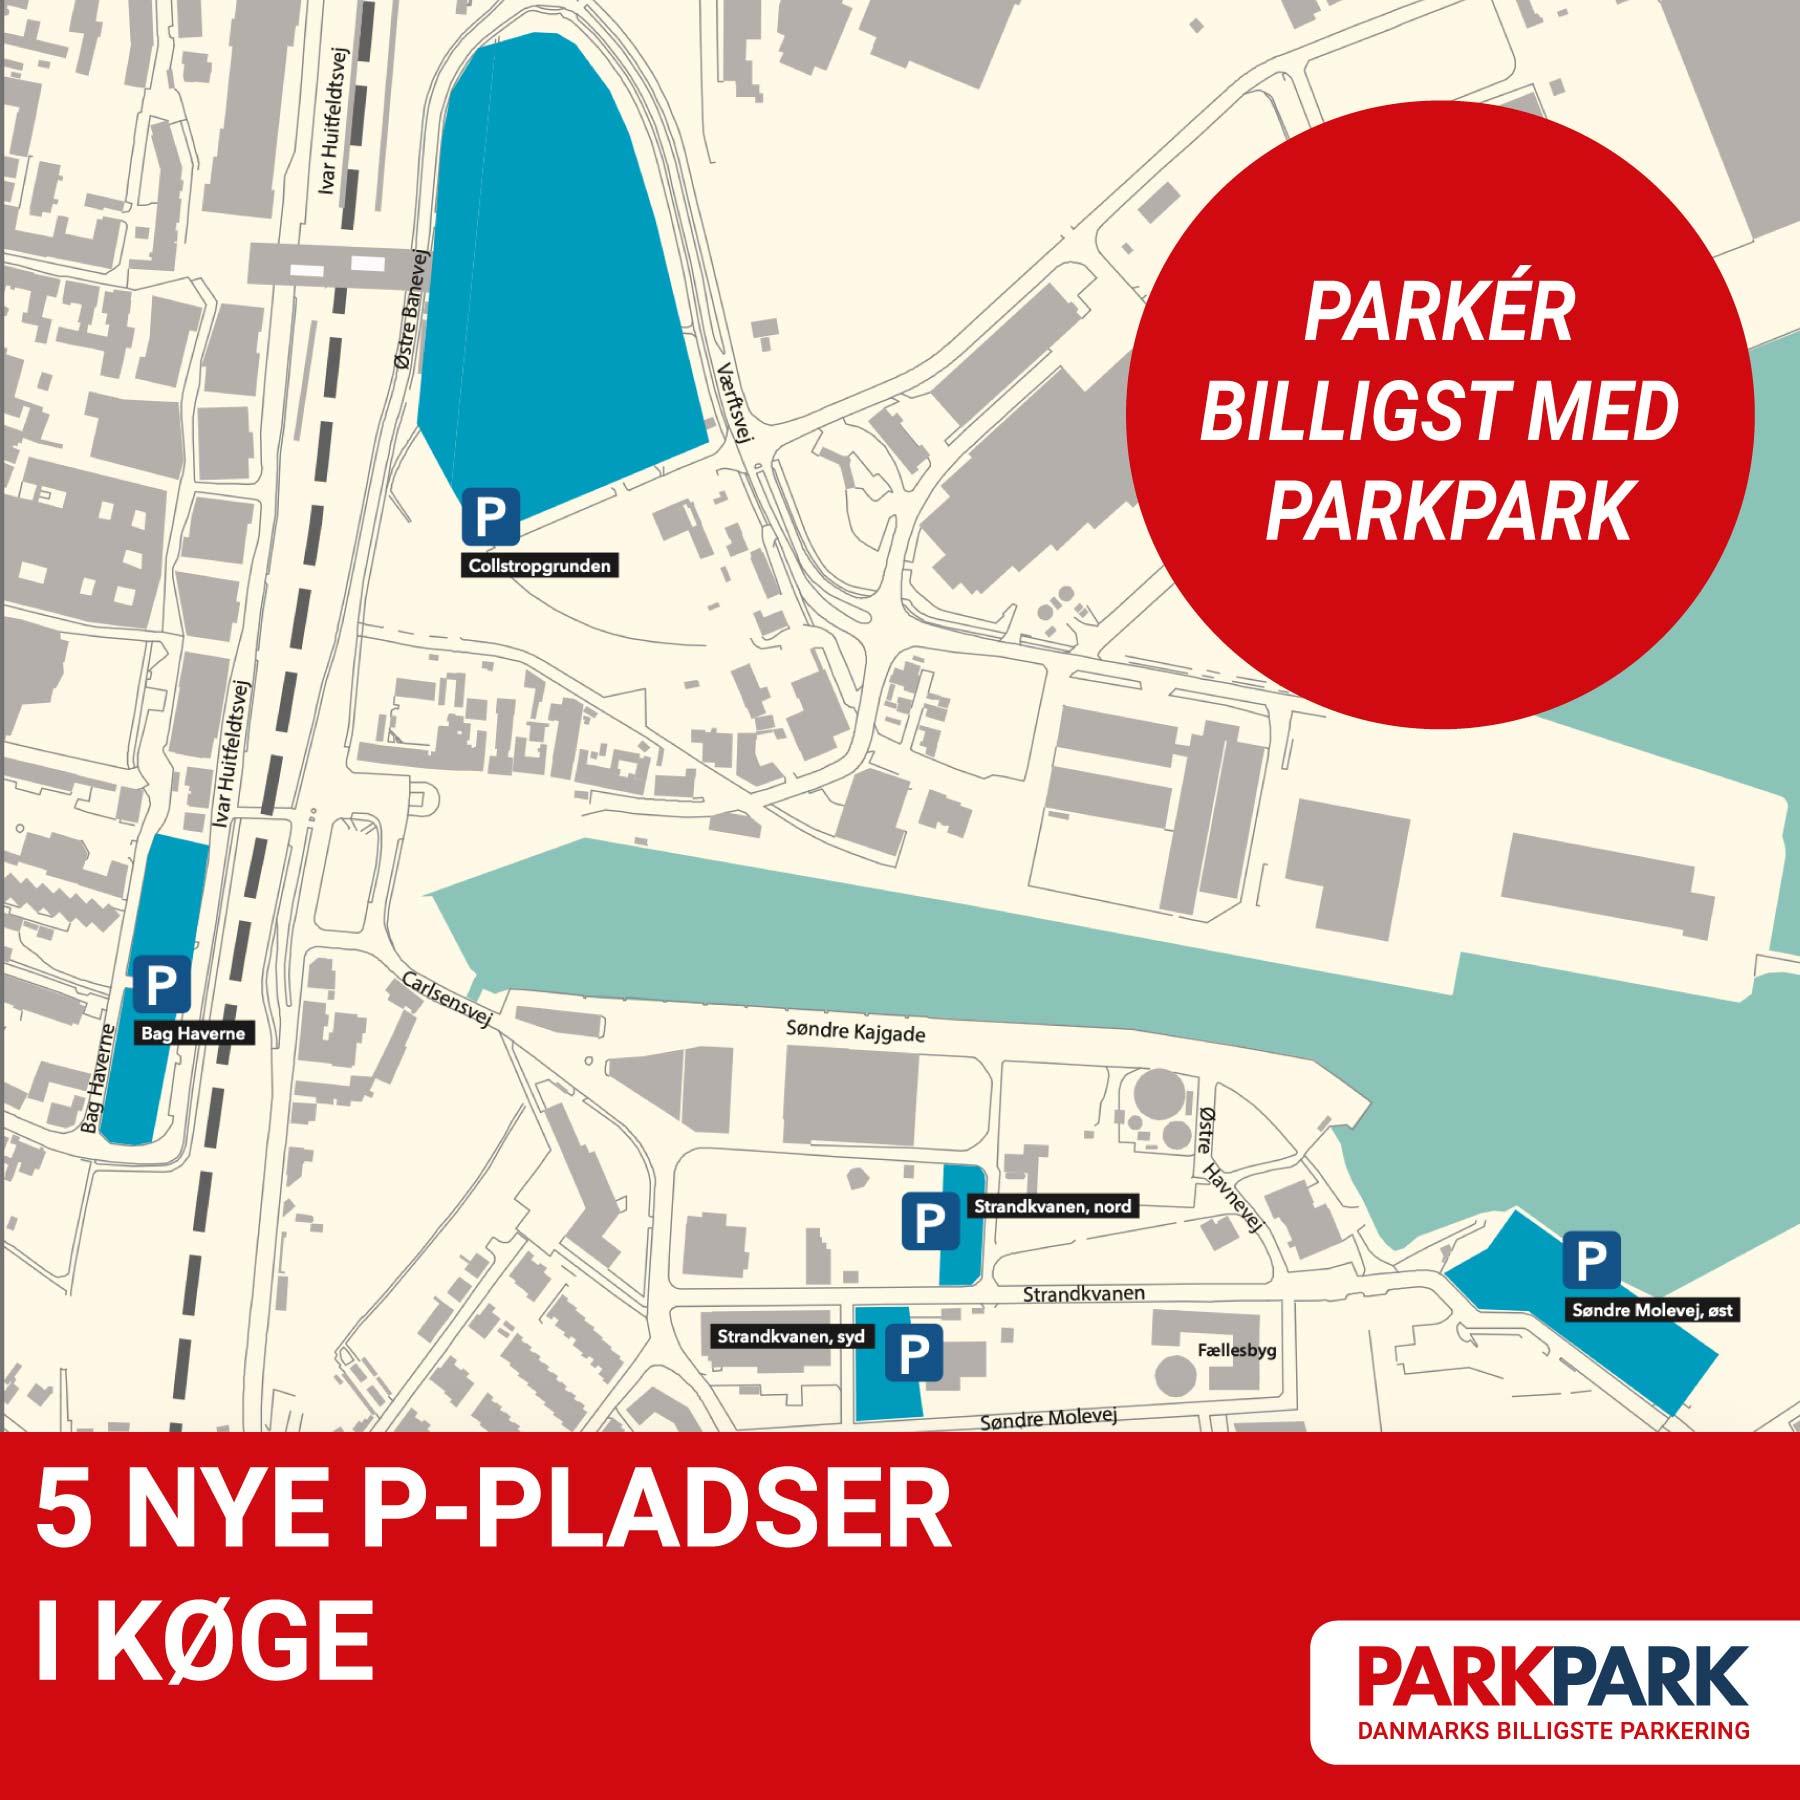 Nyheder - NYE P-PLADSER I KØGE